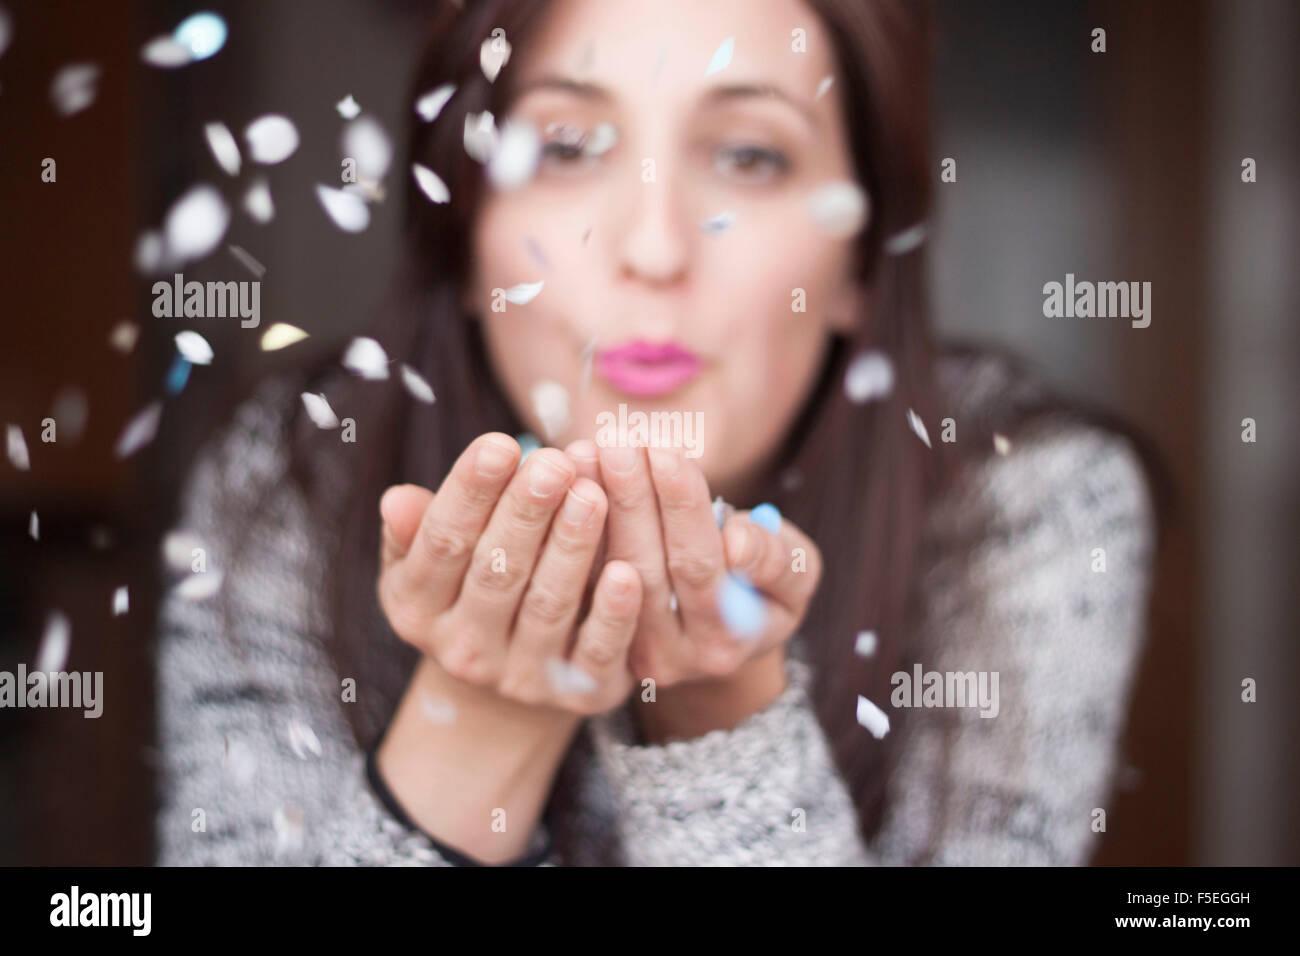 Frau bläst Konfetti in ihren Händen Stockbild